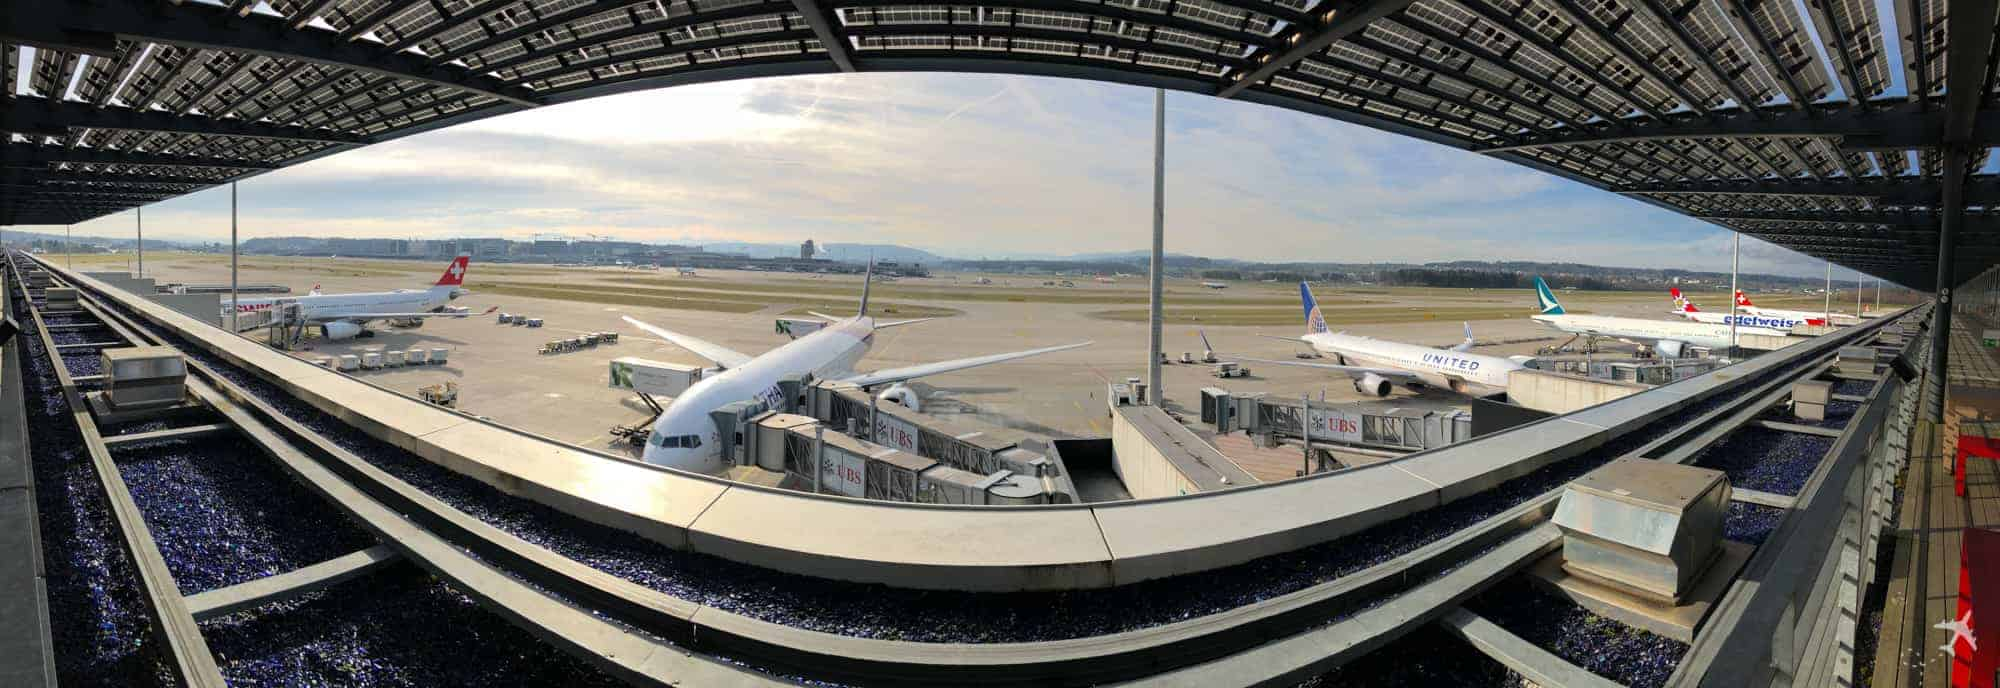 Flughafen Zürich Aussicht E Gates Panorama